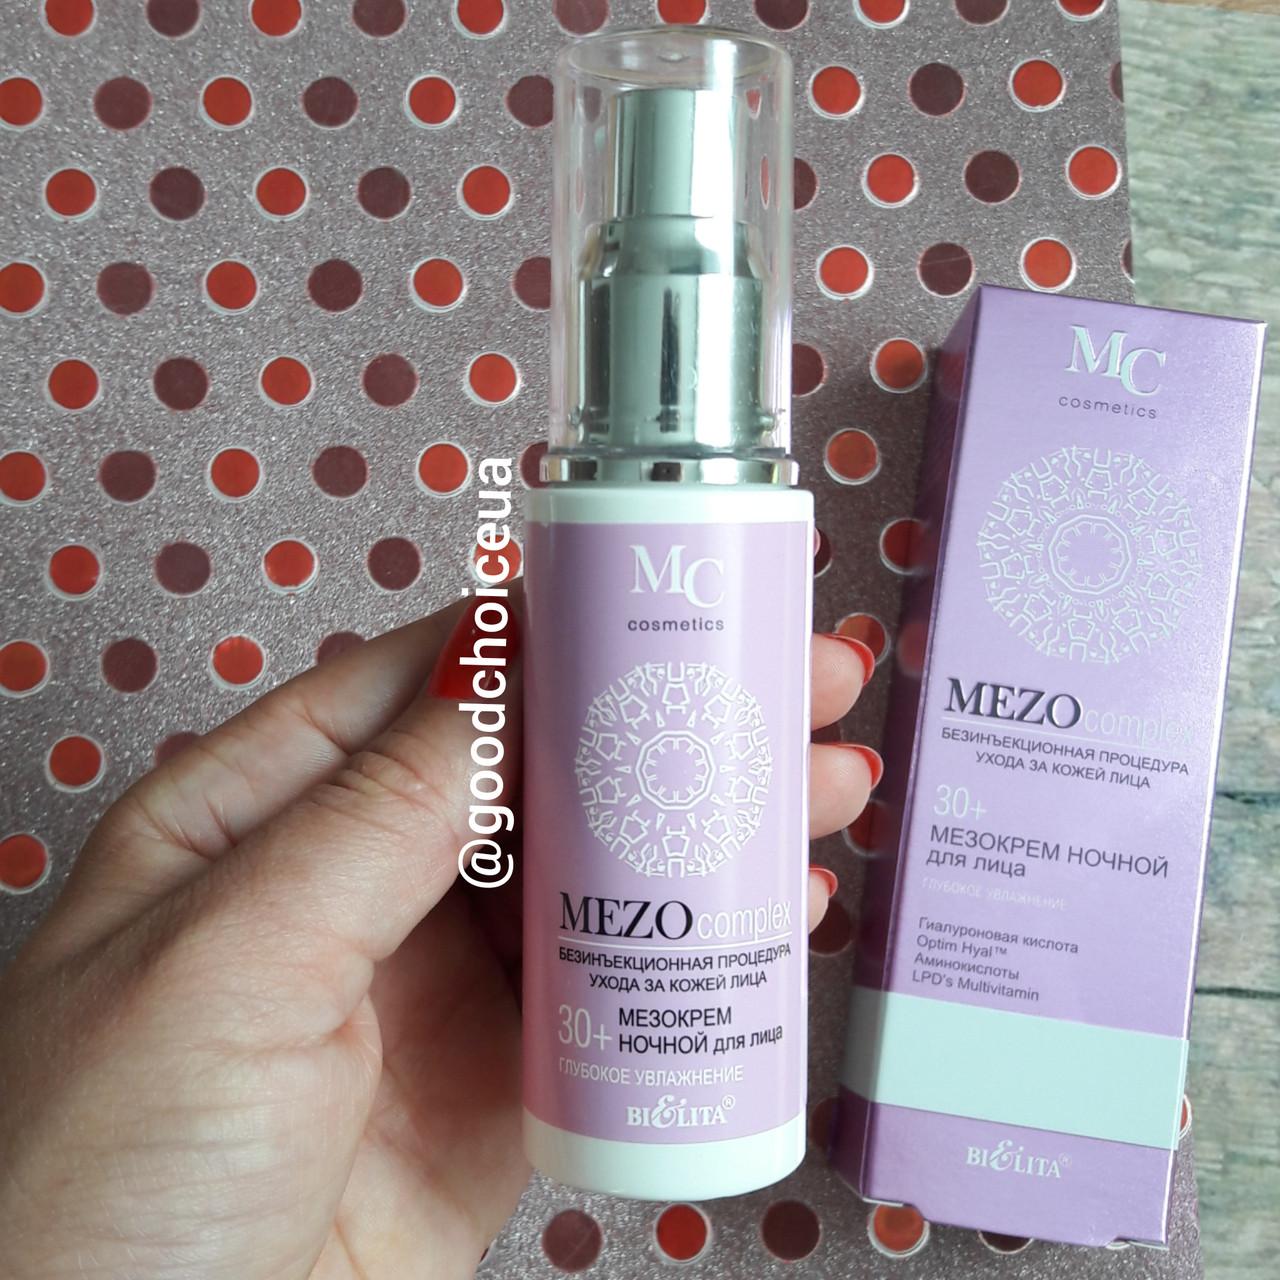 Мезокрем ночной для лица Глубокое увлажнение Bielita MEZO complex 30+